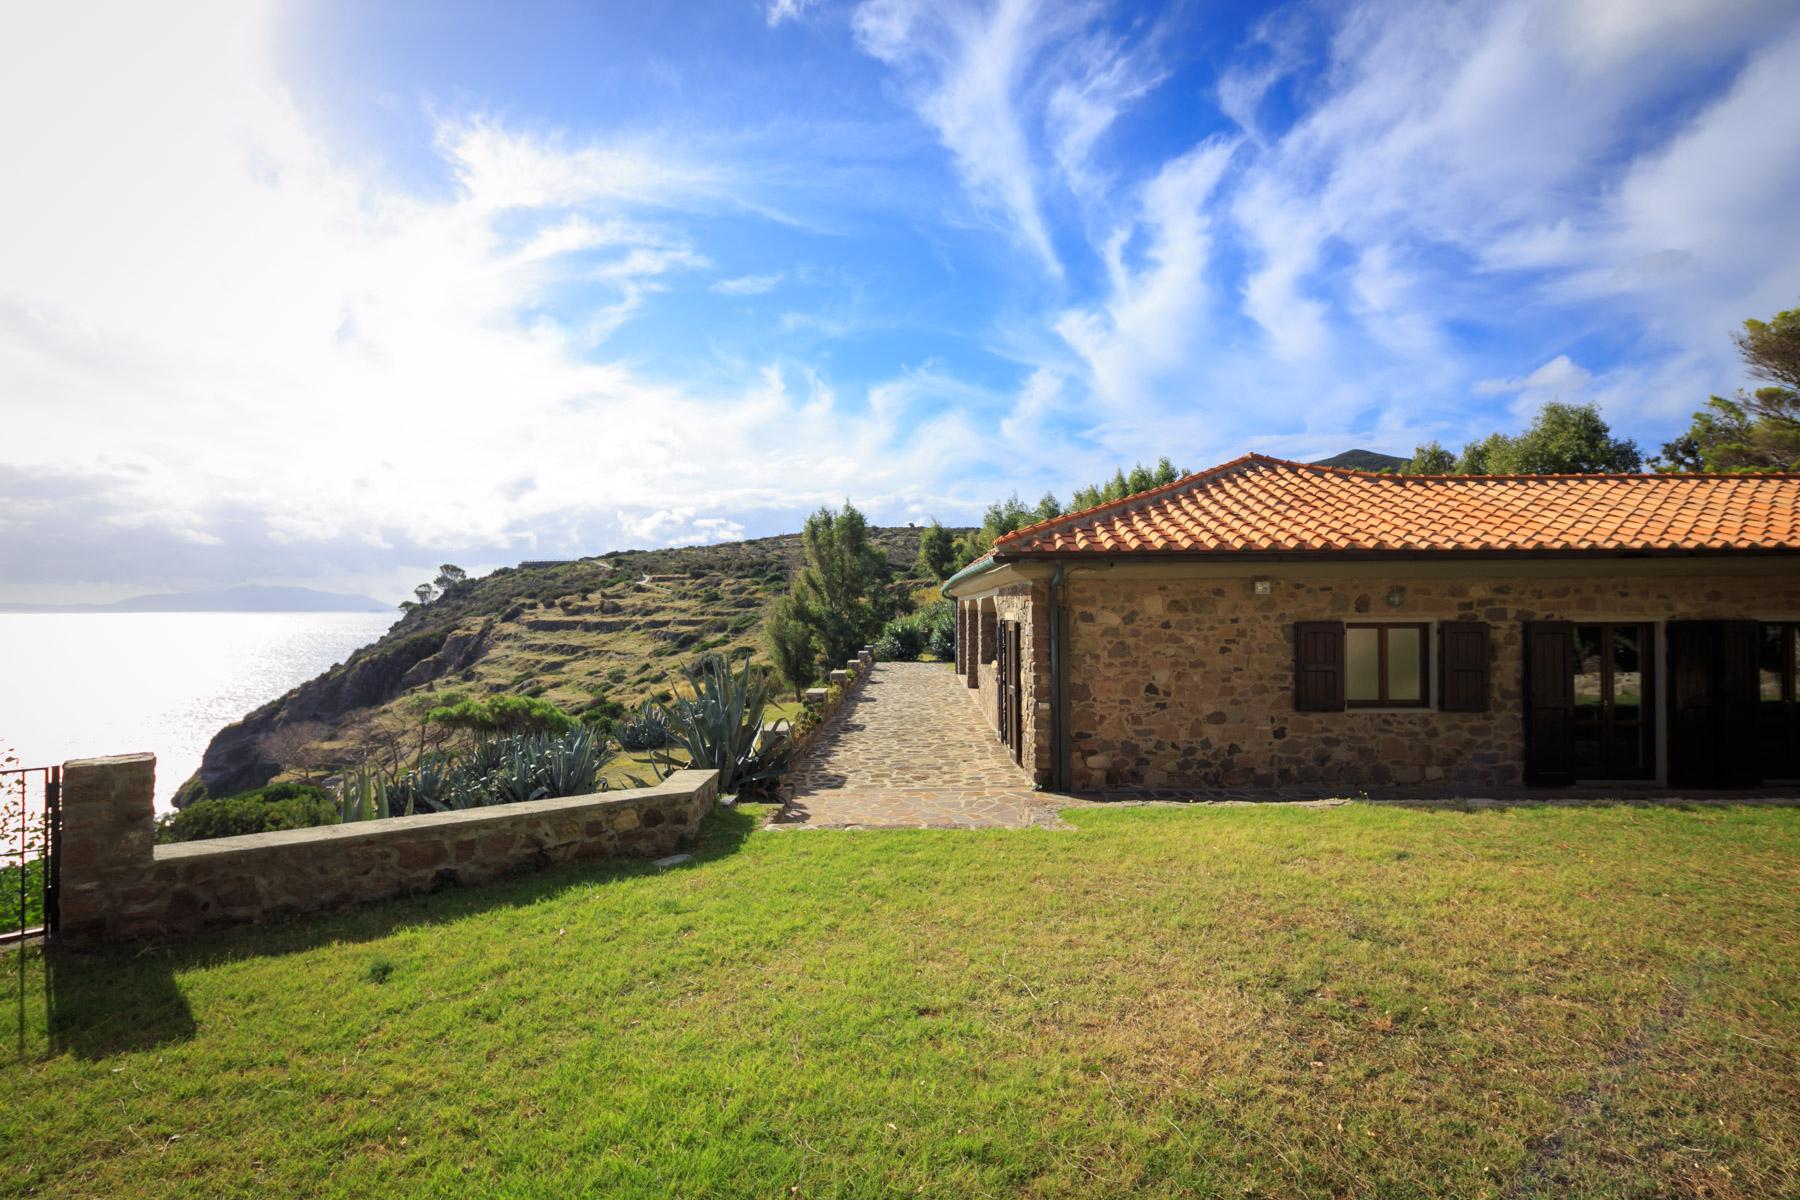 Villa in Vendita a Capraia Isola: 5 locali, 320 mq - Foto 9